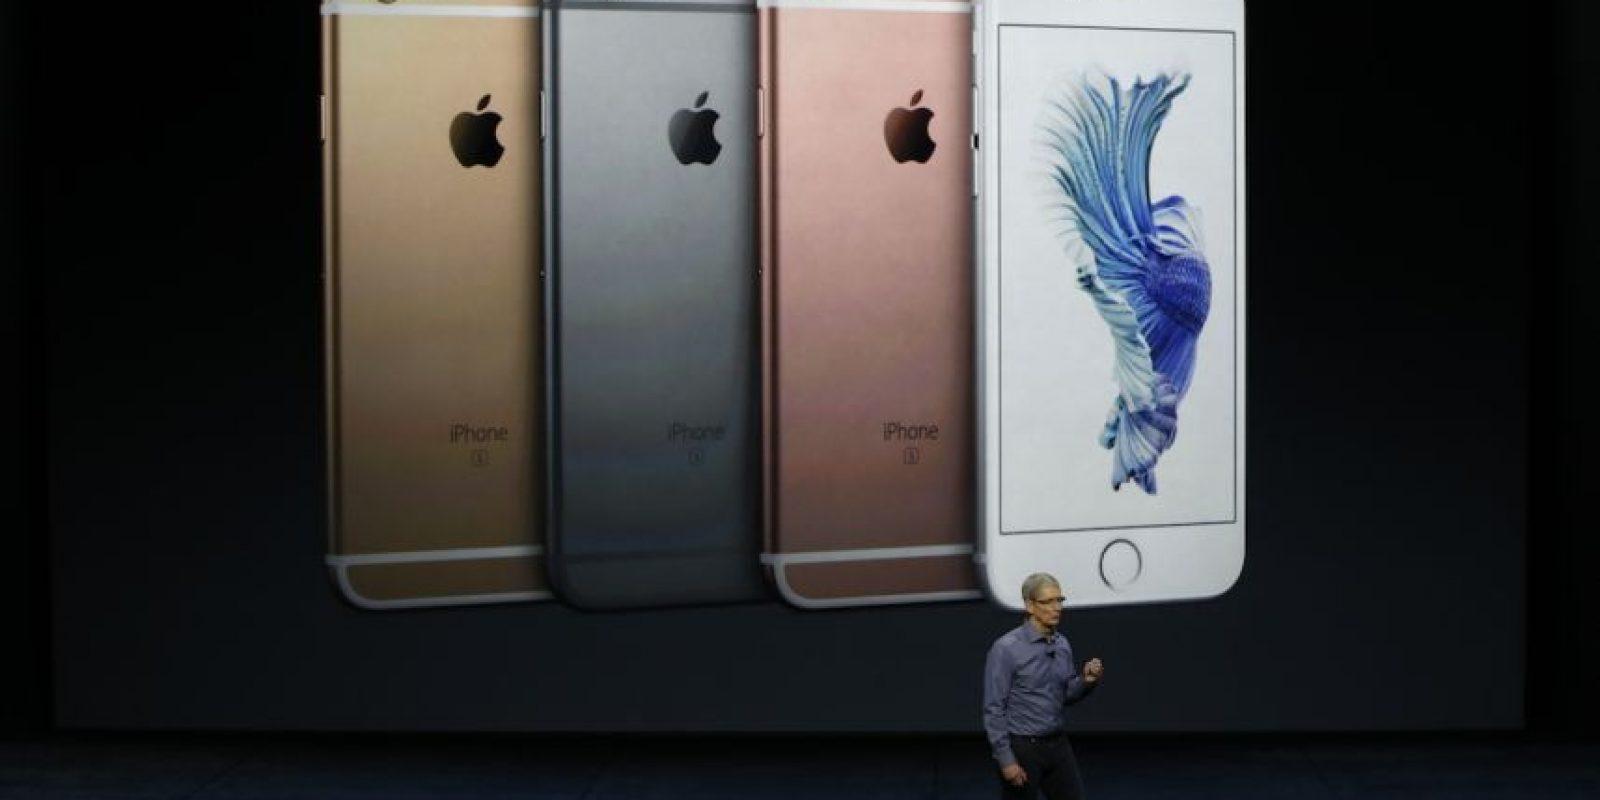 El iPhone 6s y iPhone 6s Plus fueron las estrellas de la presentación. Foto:Getty Images